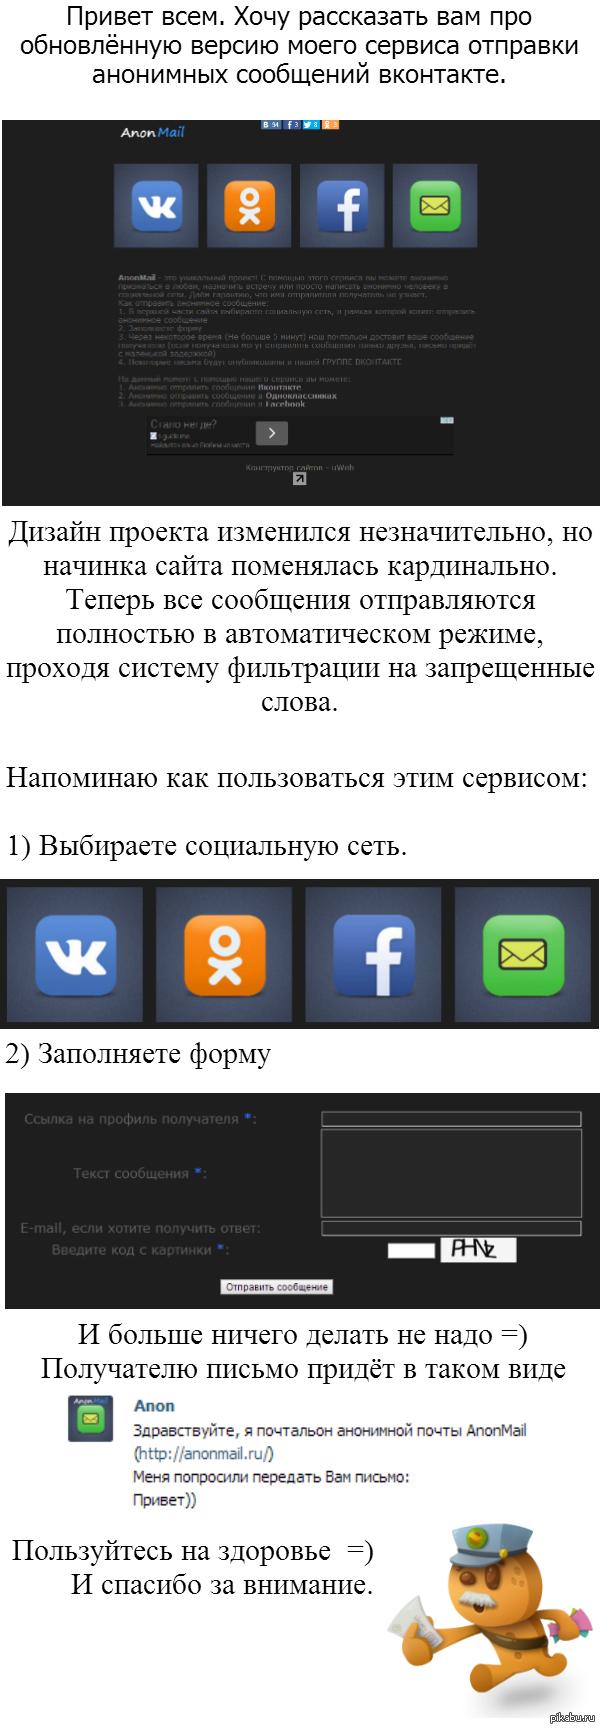 Анонимно как whatsapp отправить сообщение Как анонимно